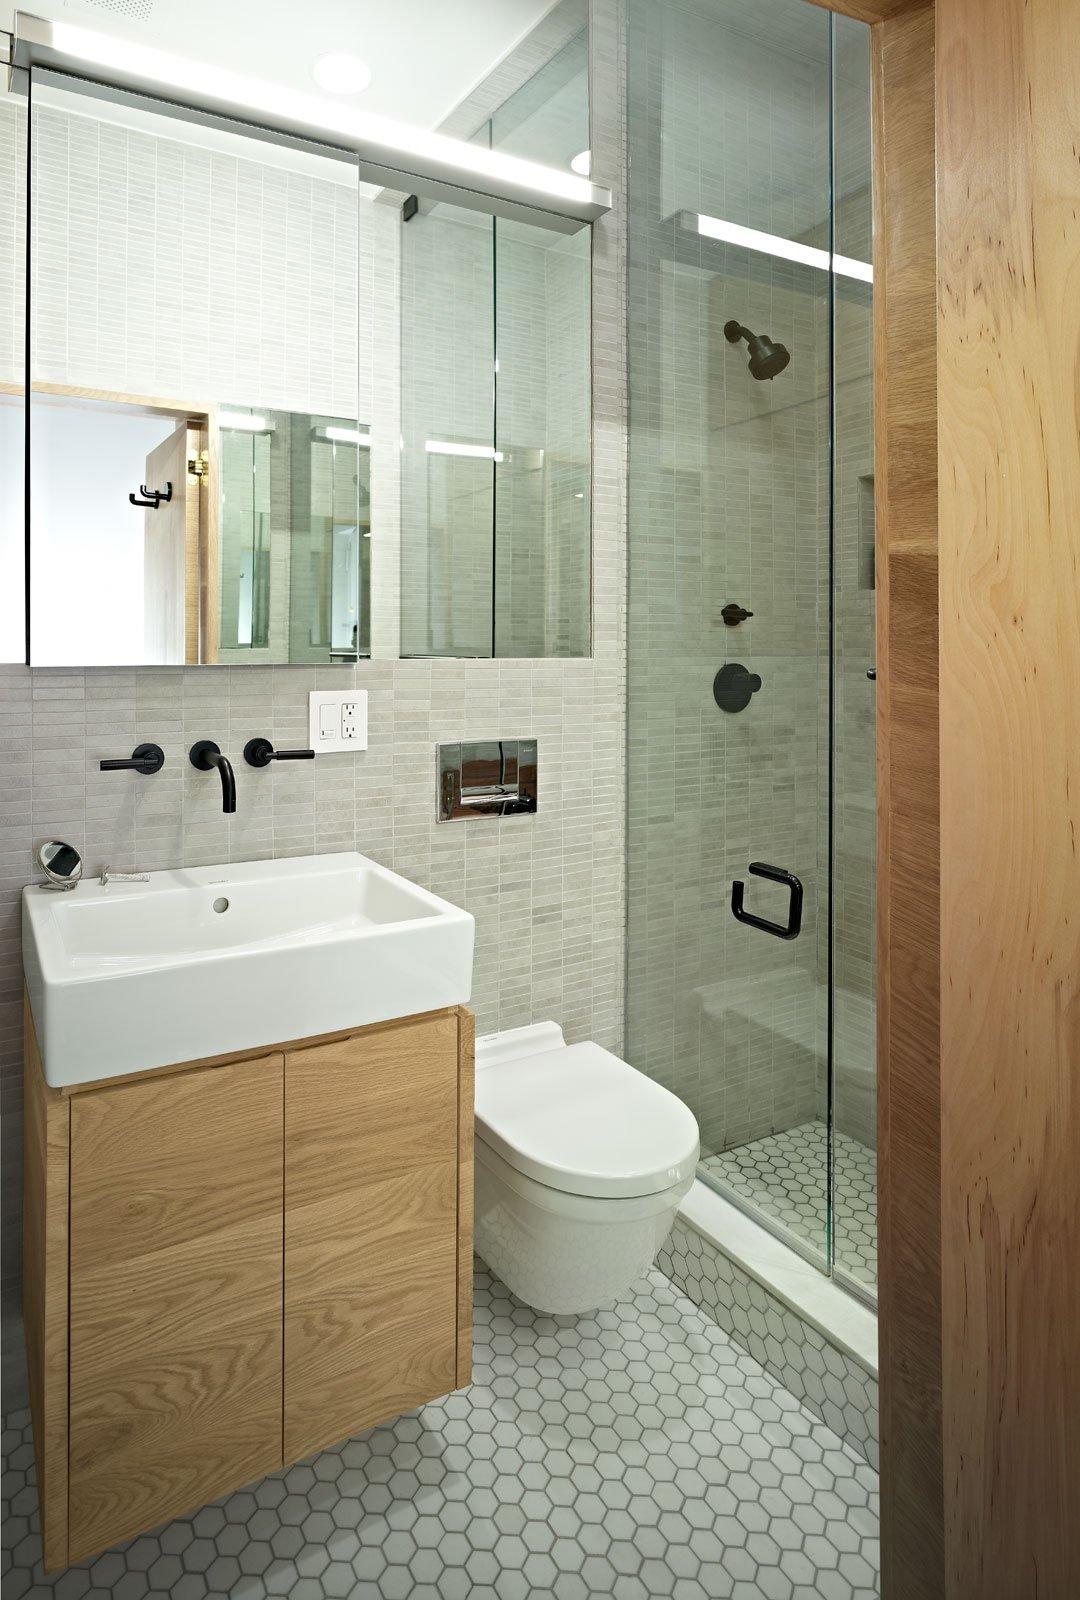 Sử dụng tủ vanity treo: Bên cạnh việc giúp tạo cảm giác rộng rãi hơn, tủ vanity treo còn giúp chủ nhà lưu trữ một số vật dụng nhỏ cẩn thiết trong phòng tắm.